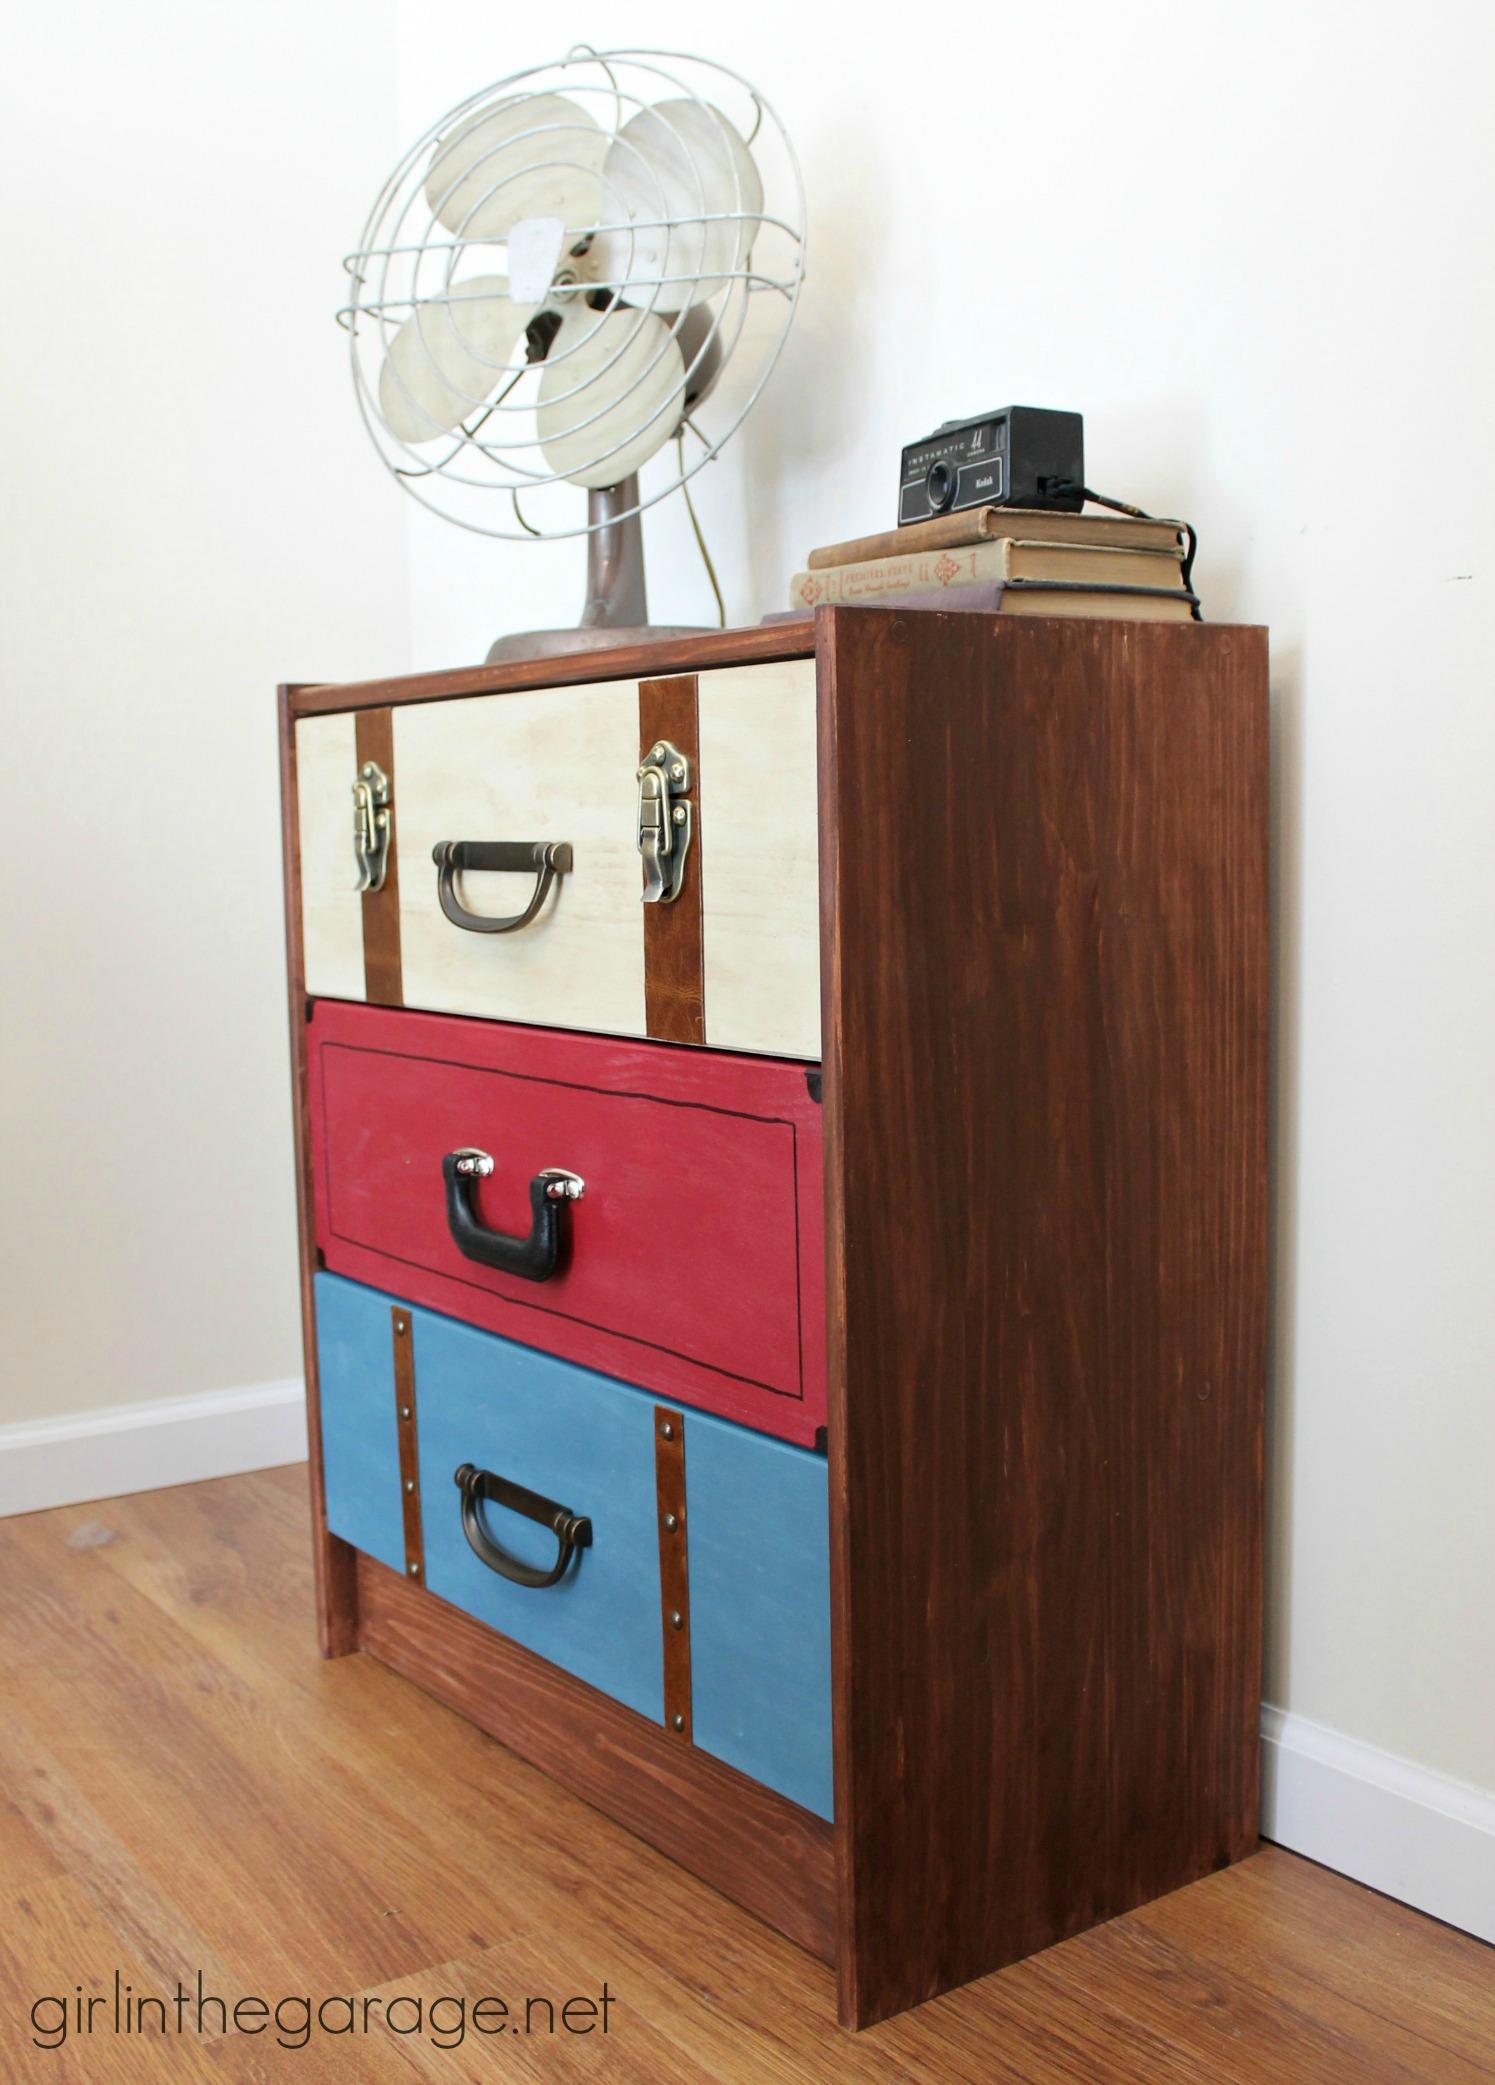 suitcase dresser ikea rast hack girl in the garage. Black Bedroom Furniture Sets. Home Design Ideas